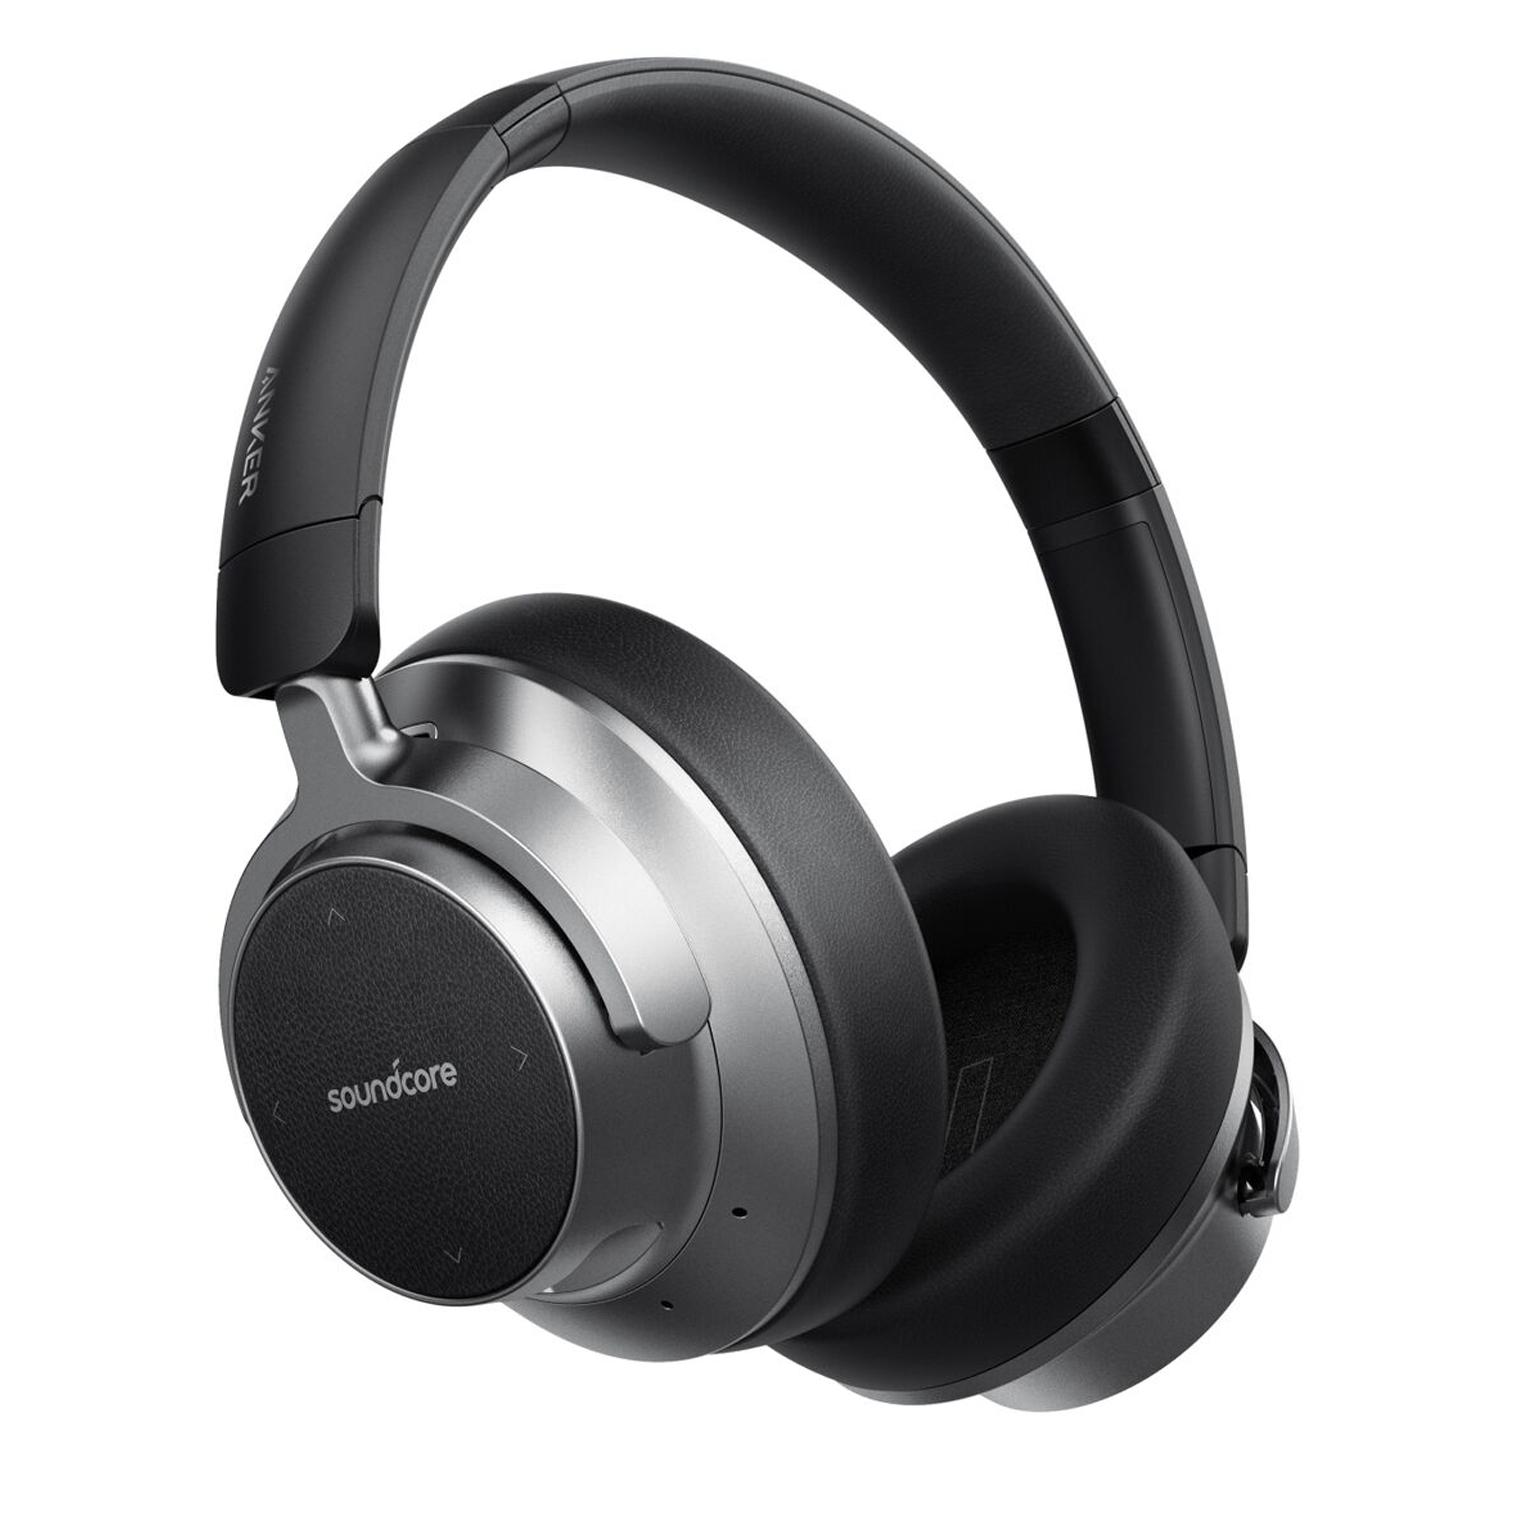 앤커 사운드코어 스페이스 노이즈 캔슬링 블루투스 헤드폰, 블랙, A3021HF1